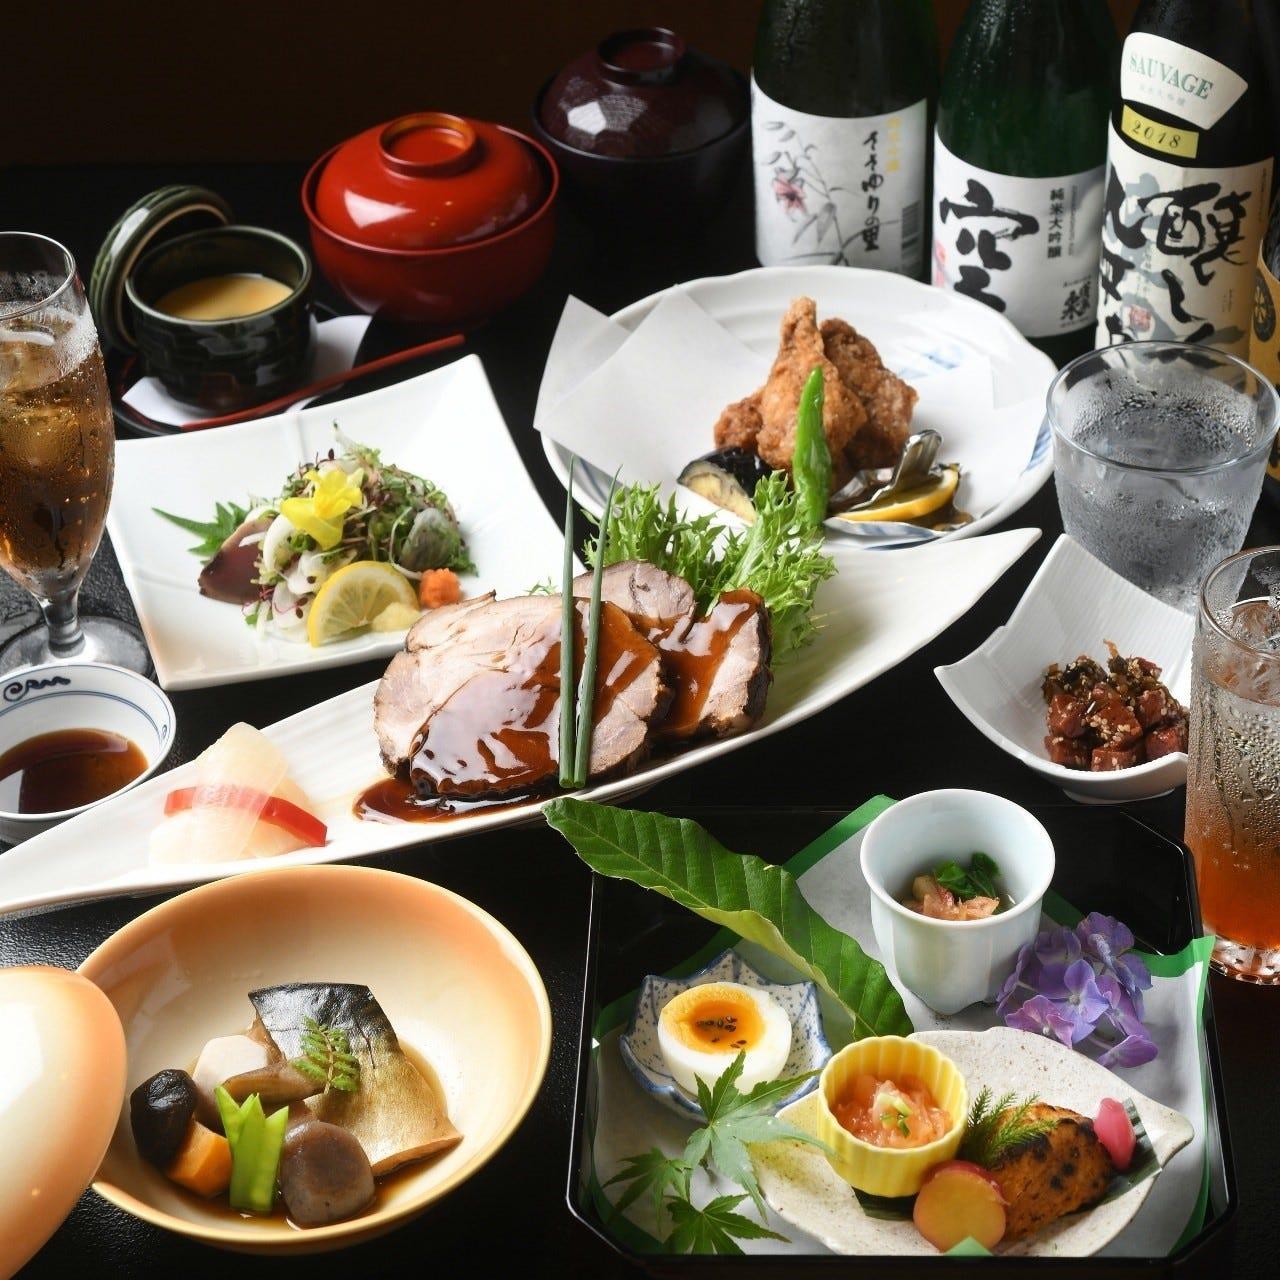 季節の味覚を存分にご堪能いただける種類豊富なコース料理